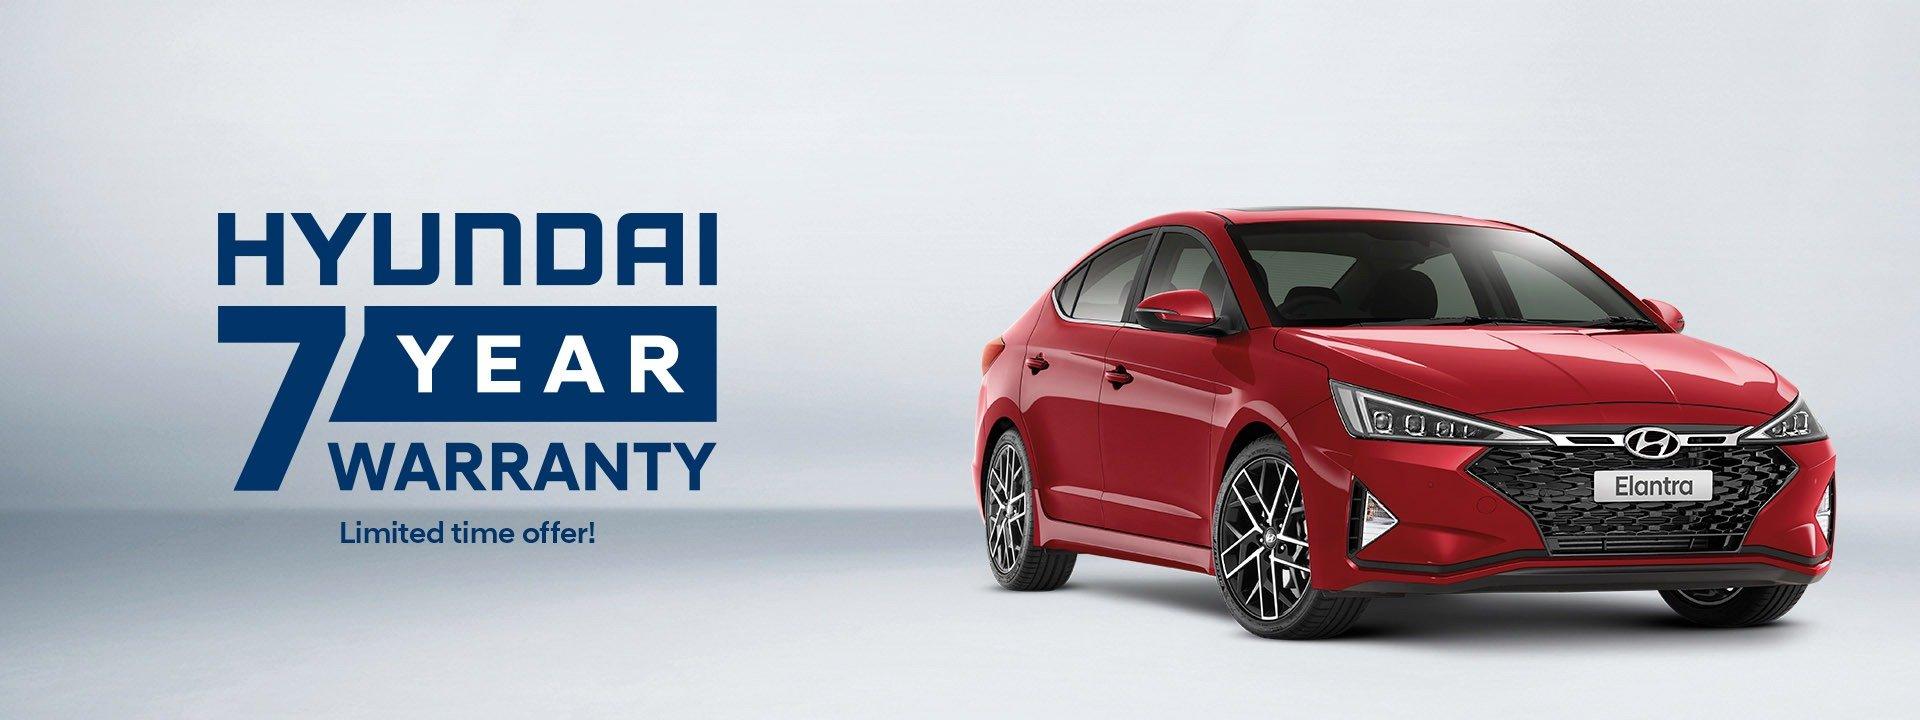 Dandenong Hyundai   Elantra 7 Year Warranty